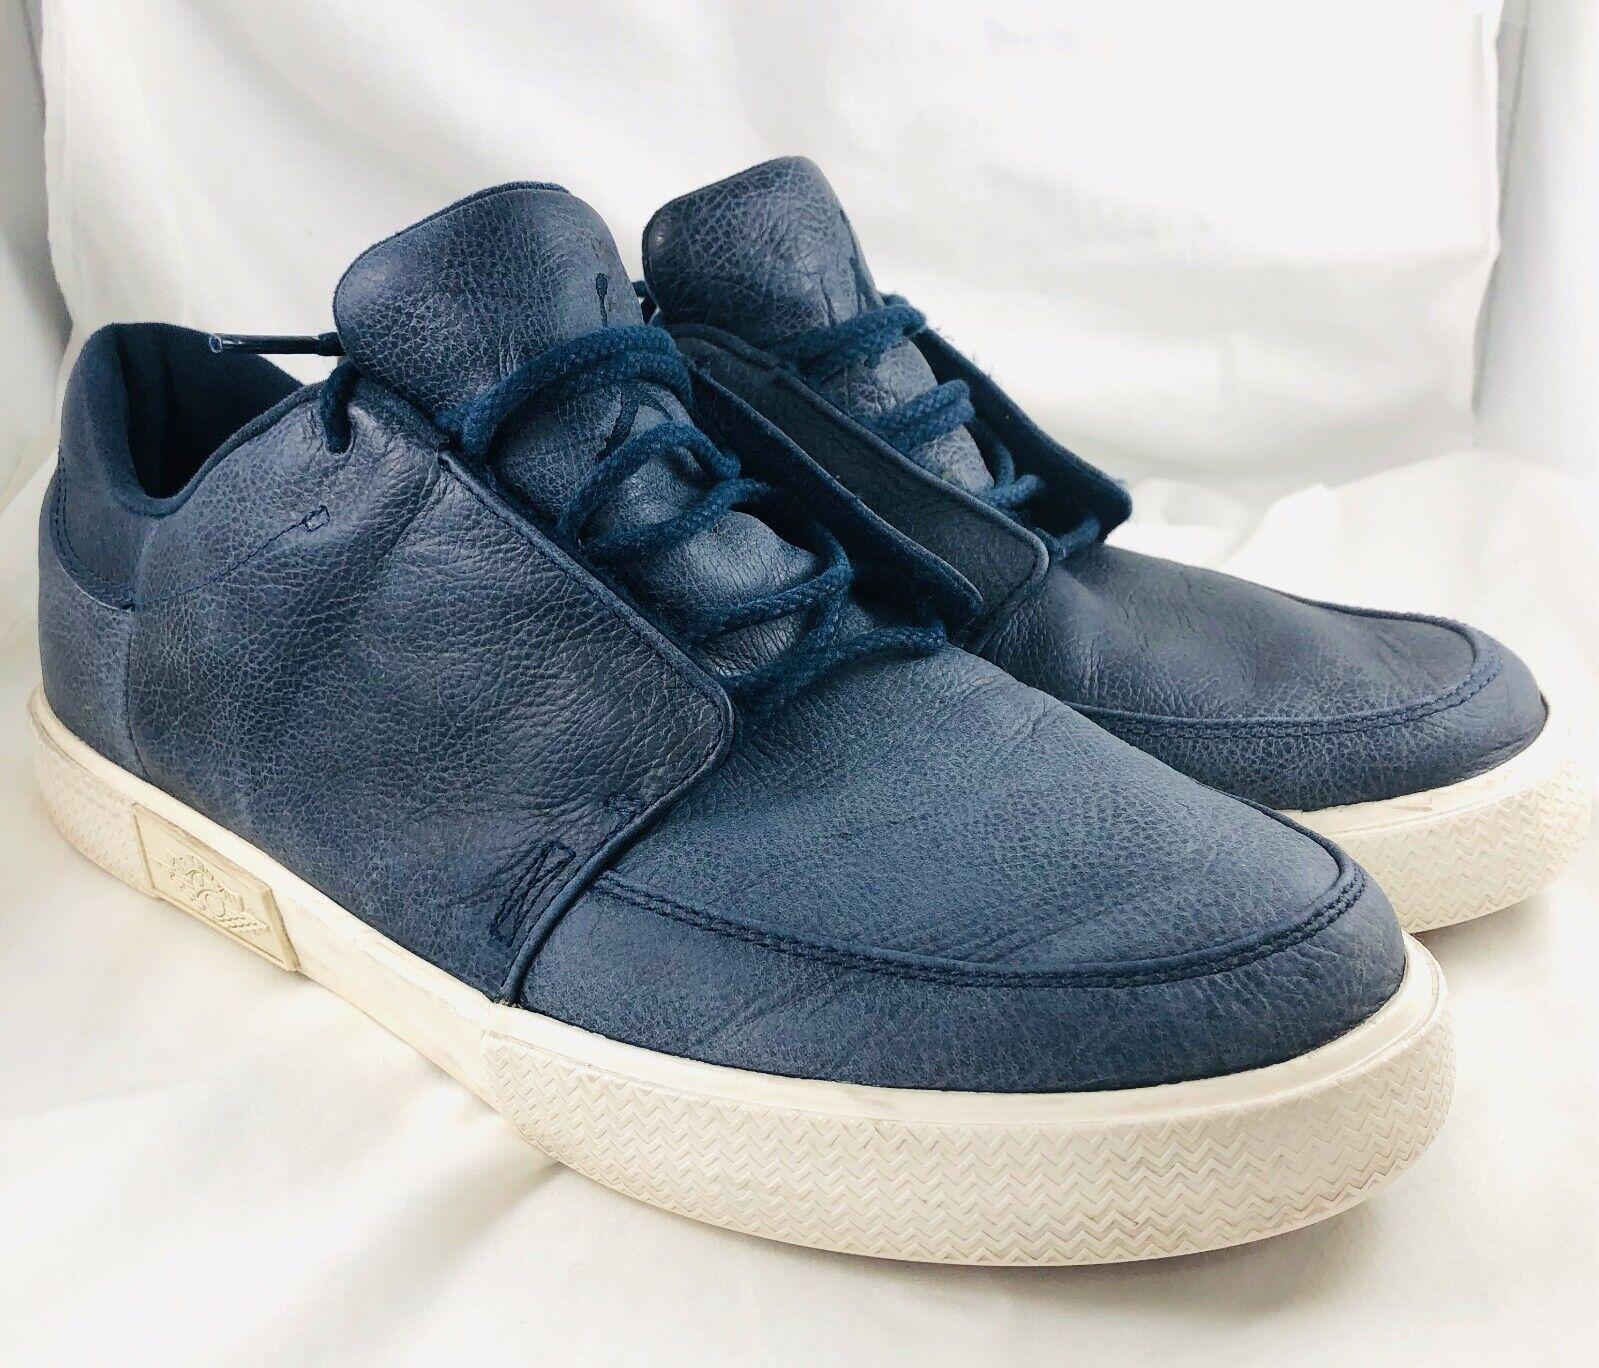 AIR JORDAN JORDAN JORDAN V.5 GROWN LOW OBSIDIAN blu SAIL 428902-402 uomo scarpe Dimensione 10 c99c9d